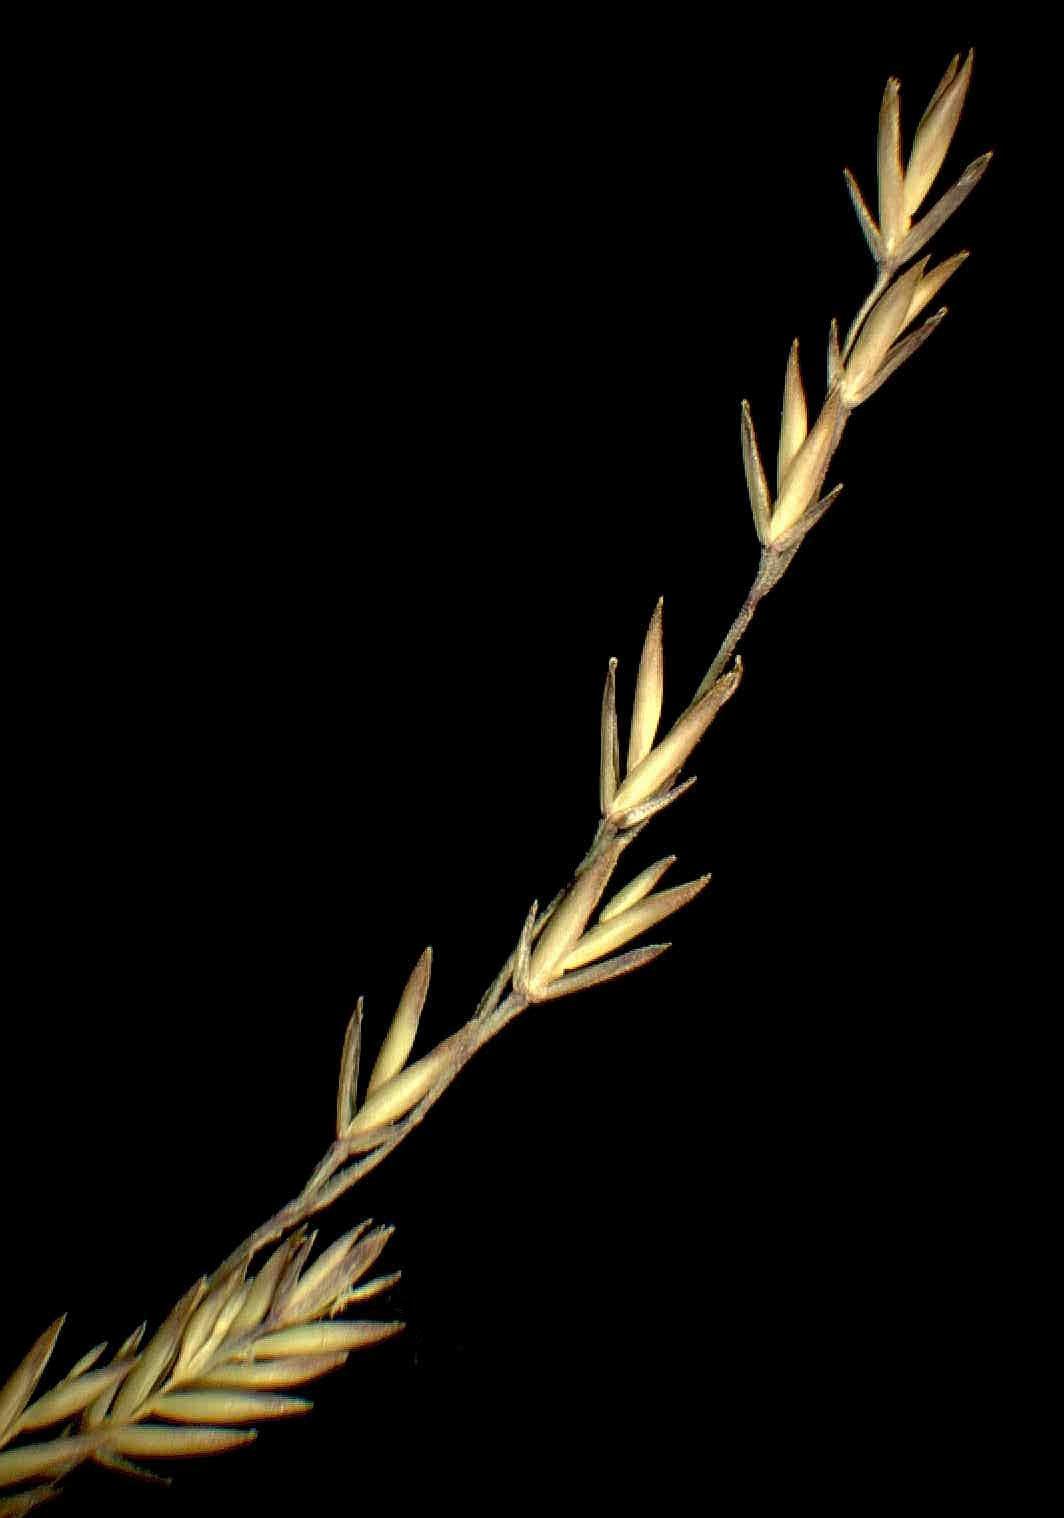 © Dipartimento di Scienze della Vita, Università degli Studi di Trieste<br>by Andrea Moro<br>Carso triestino, Monte Lanaro, sul fondo acidificato di una dolina posta alla base dell'altura. , TS, FVG, Italia, 28/1/05 0.00.00<br>Distributed under CC-BY-SA 4.0 license.